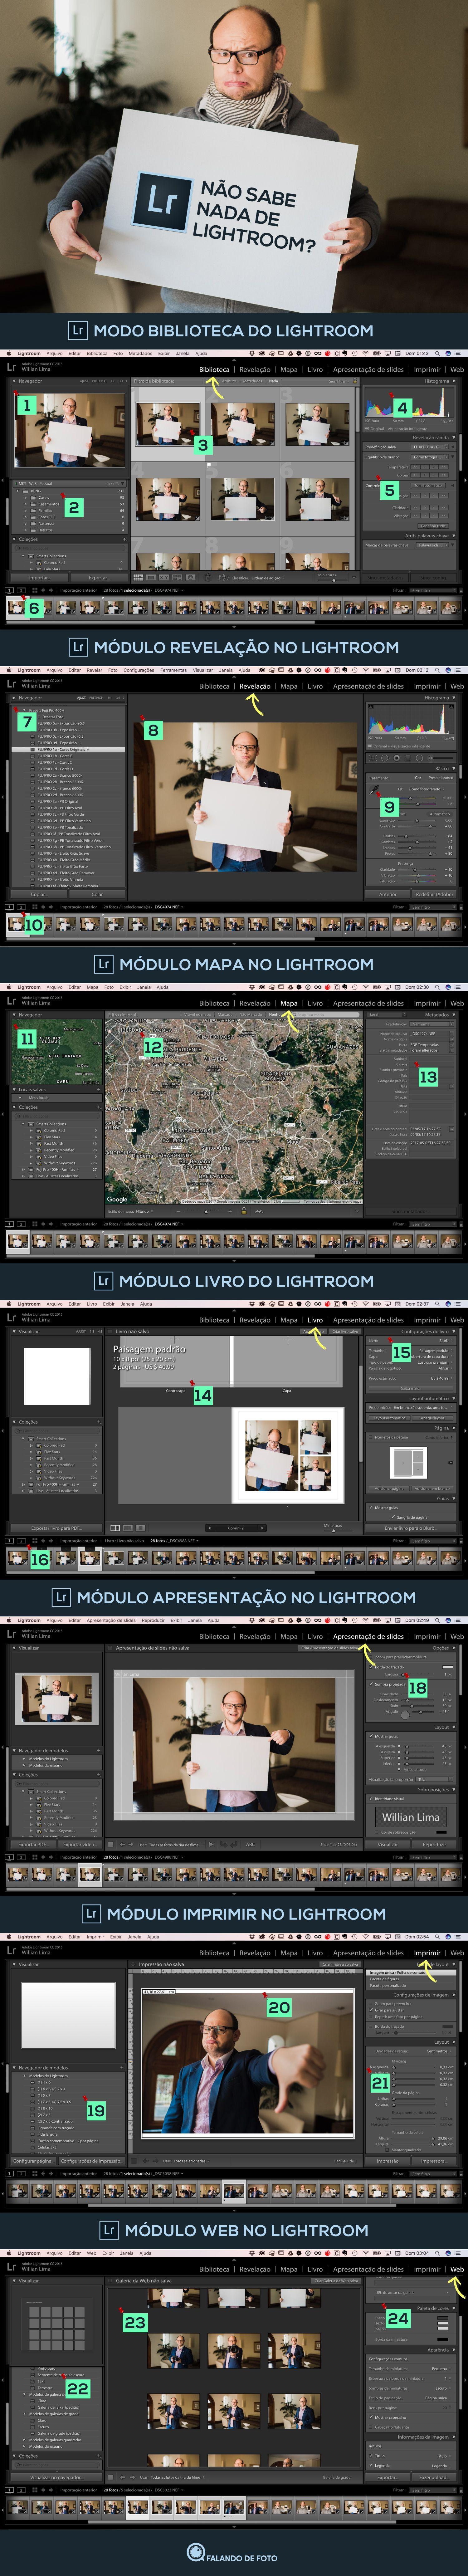 Como usar o background image - Como Usar O Lightroom Em 24 Etapas Para Quem Est Iniciando Na Edi O E Tratamento